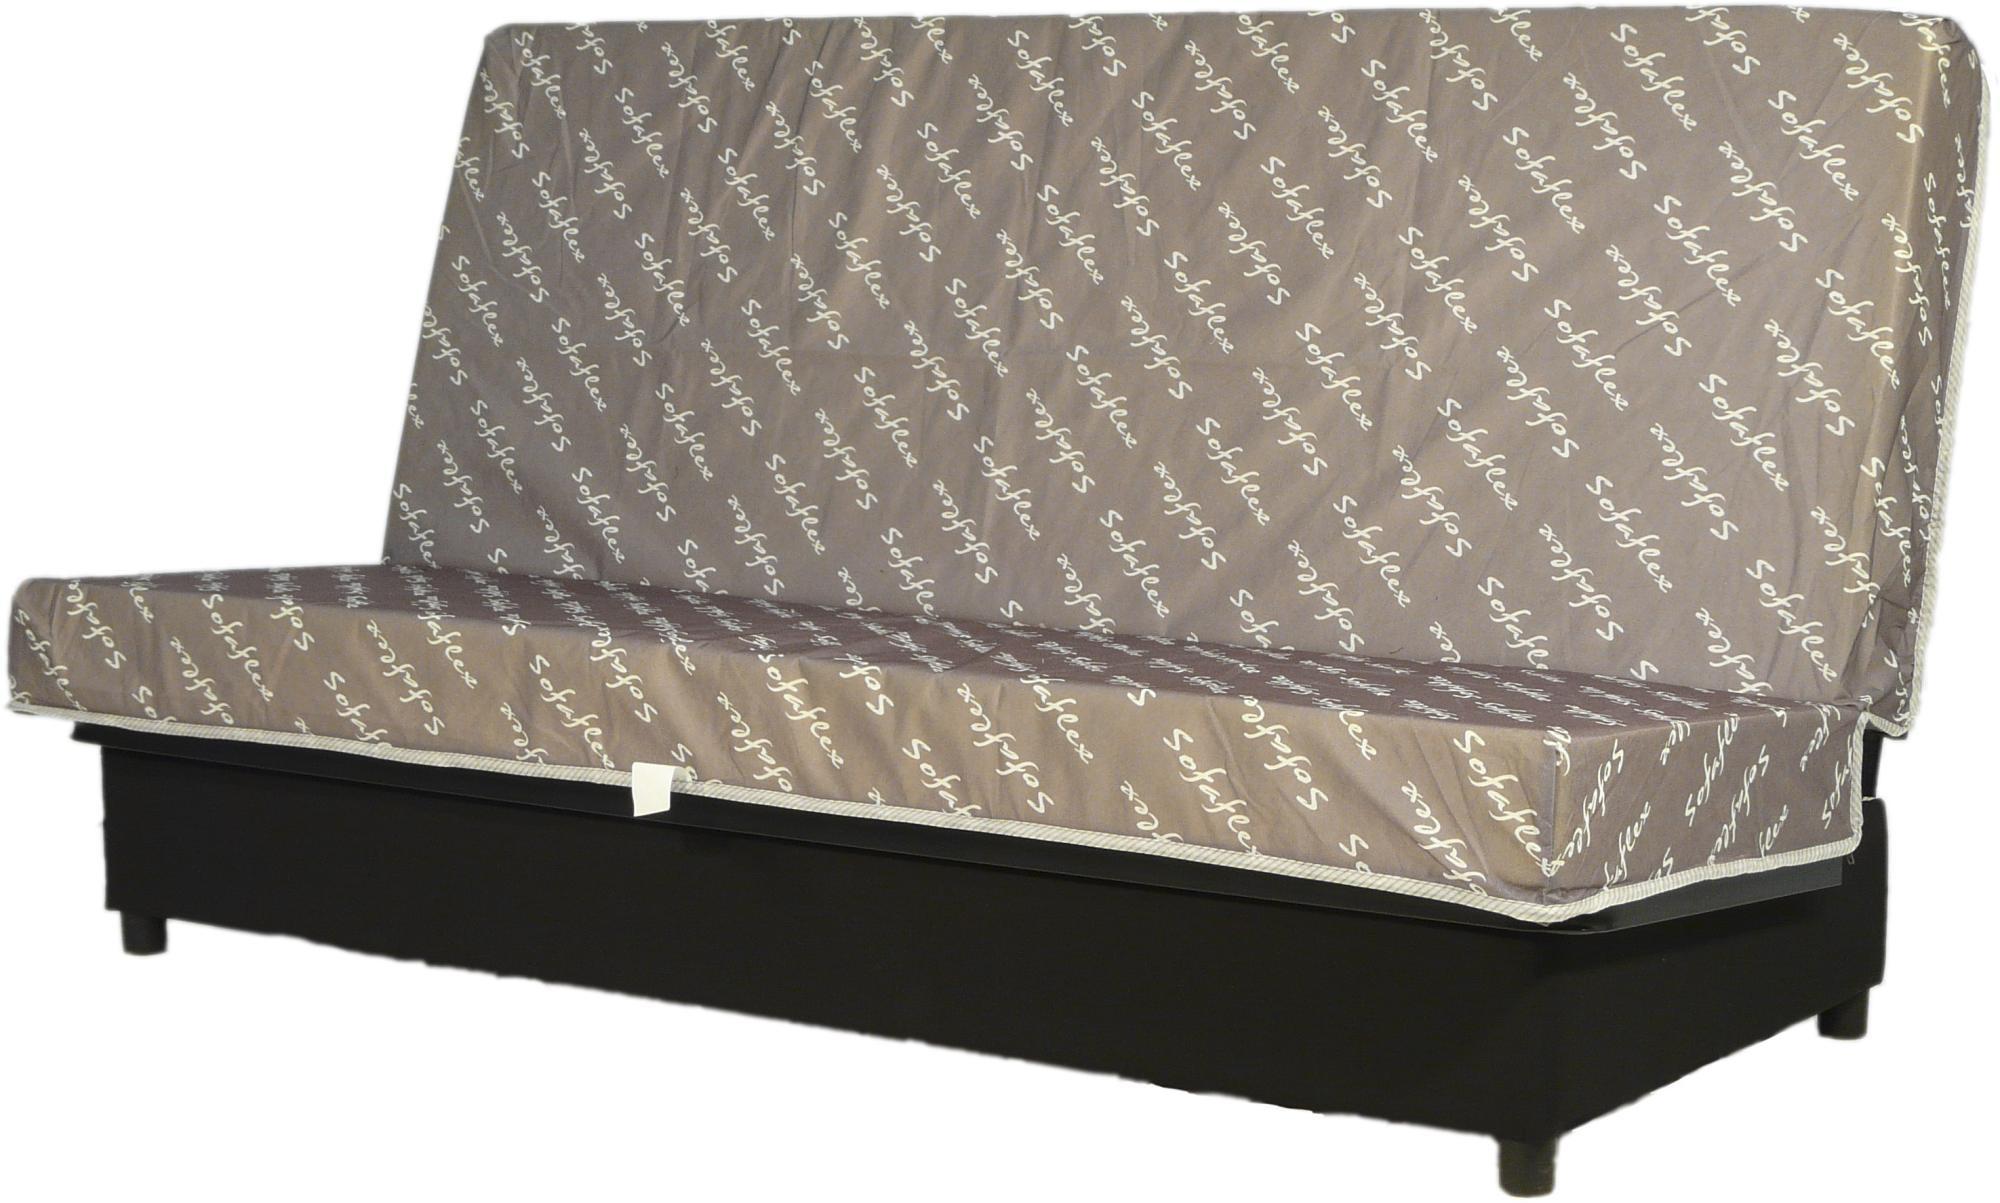 banquette clic clac matelas bultex maison et mobilier d 39 int rieur. Black Bedroom Furniture Sets. Home Design Ideas